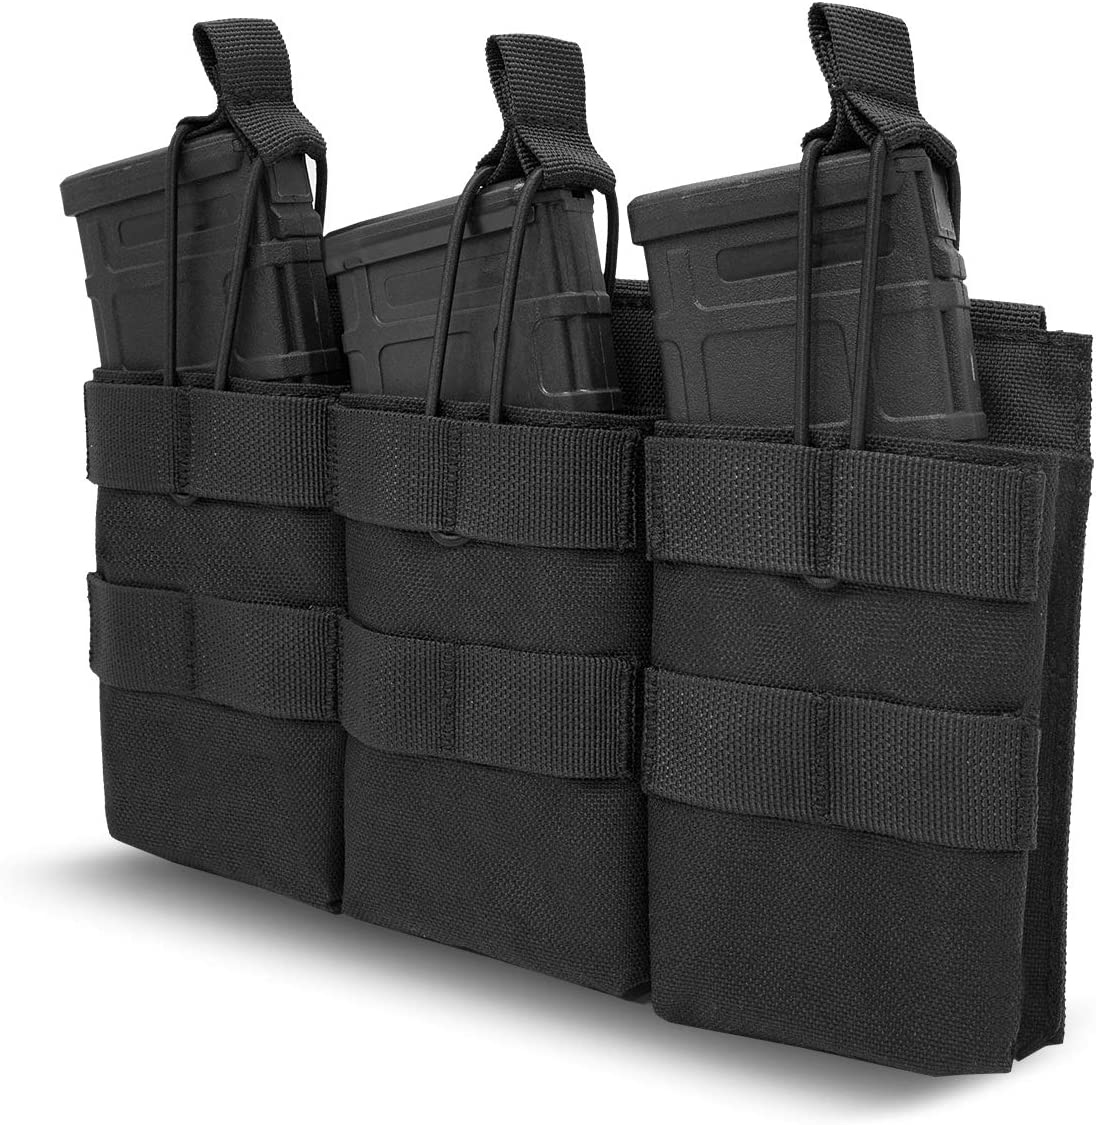 ProCase Funda para Cargadores de Rifle Pistola Escopeta,Cartuchera Táctica Porta Cartucho con Cinta Elástica para M4 M14 G36 HK416 Glock M1911 92F –Negro